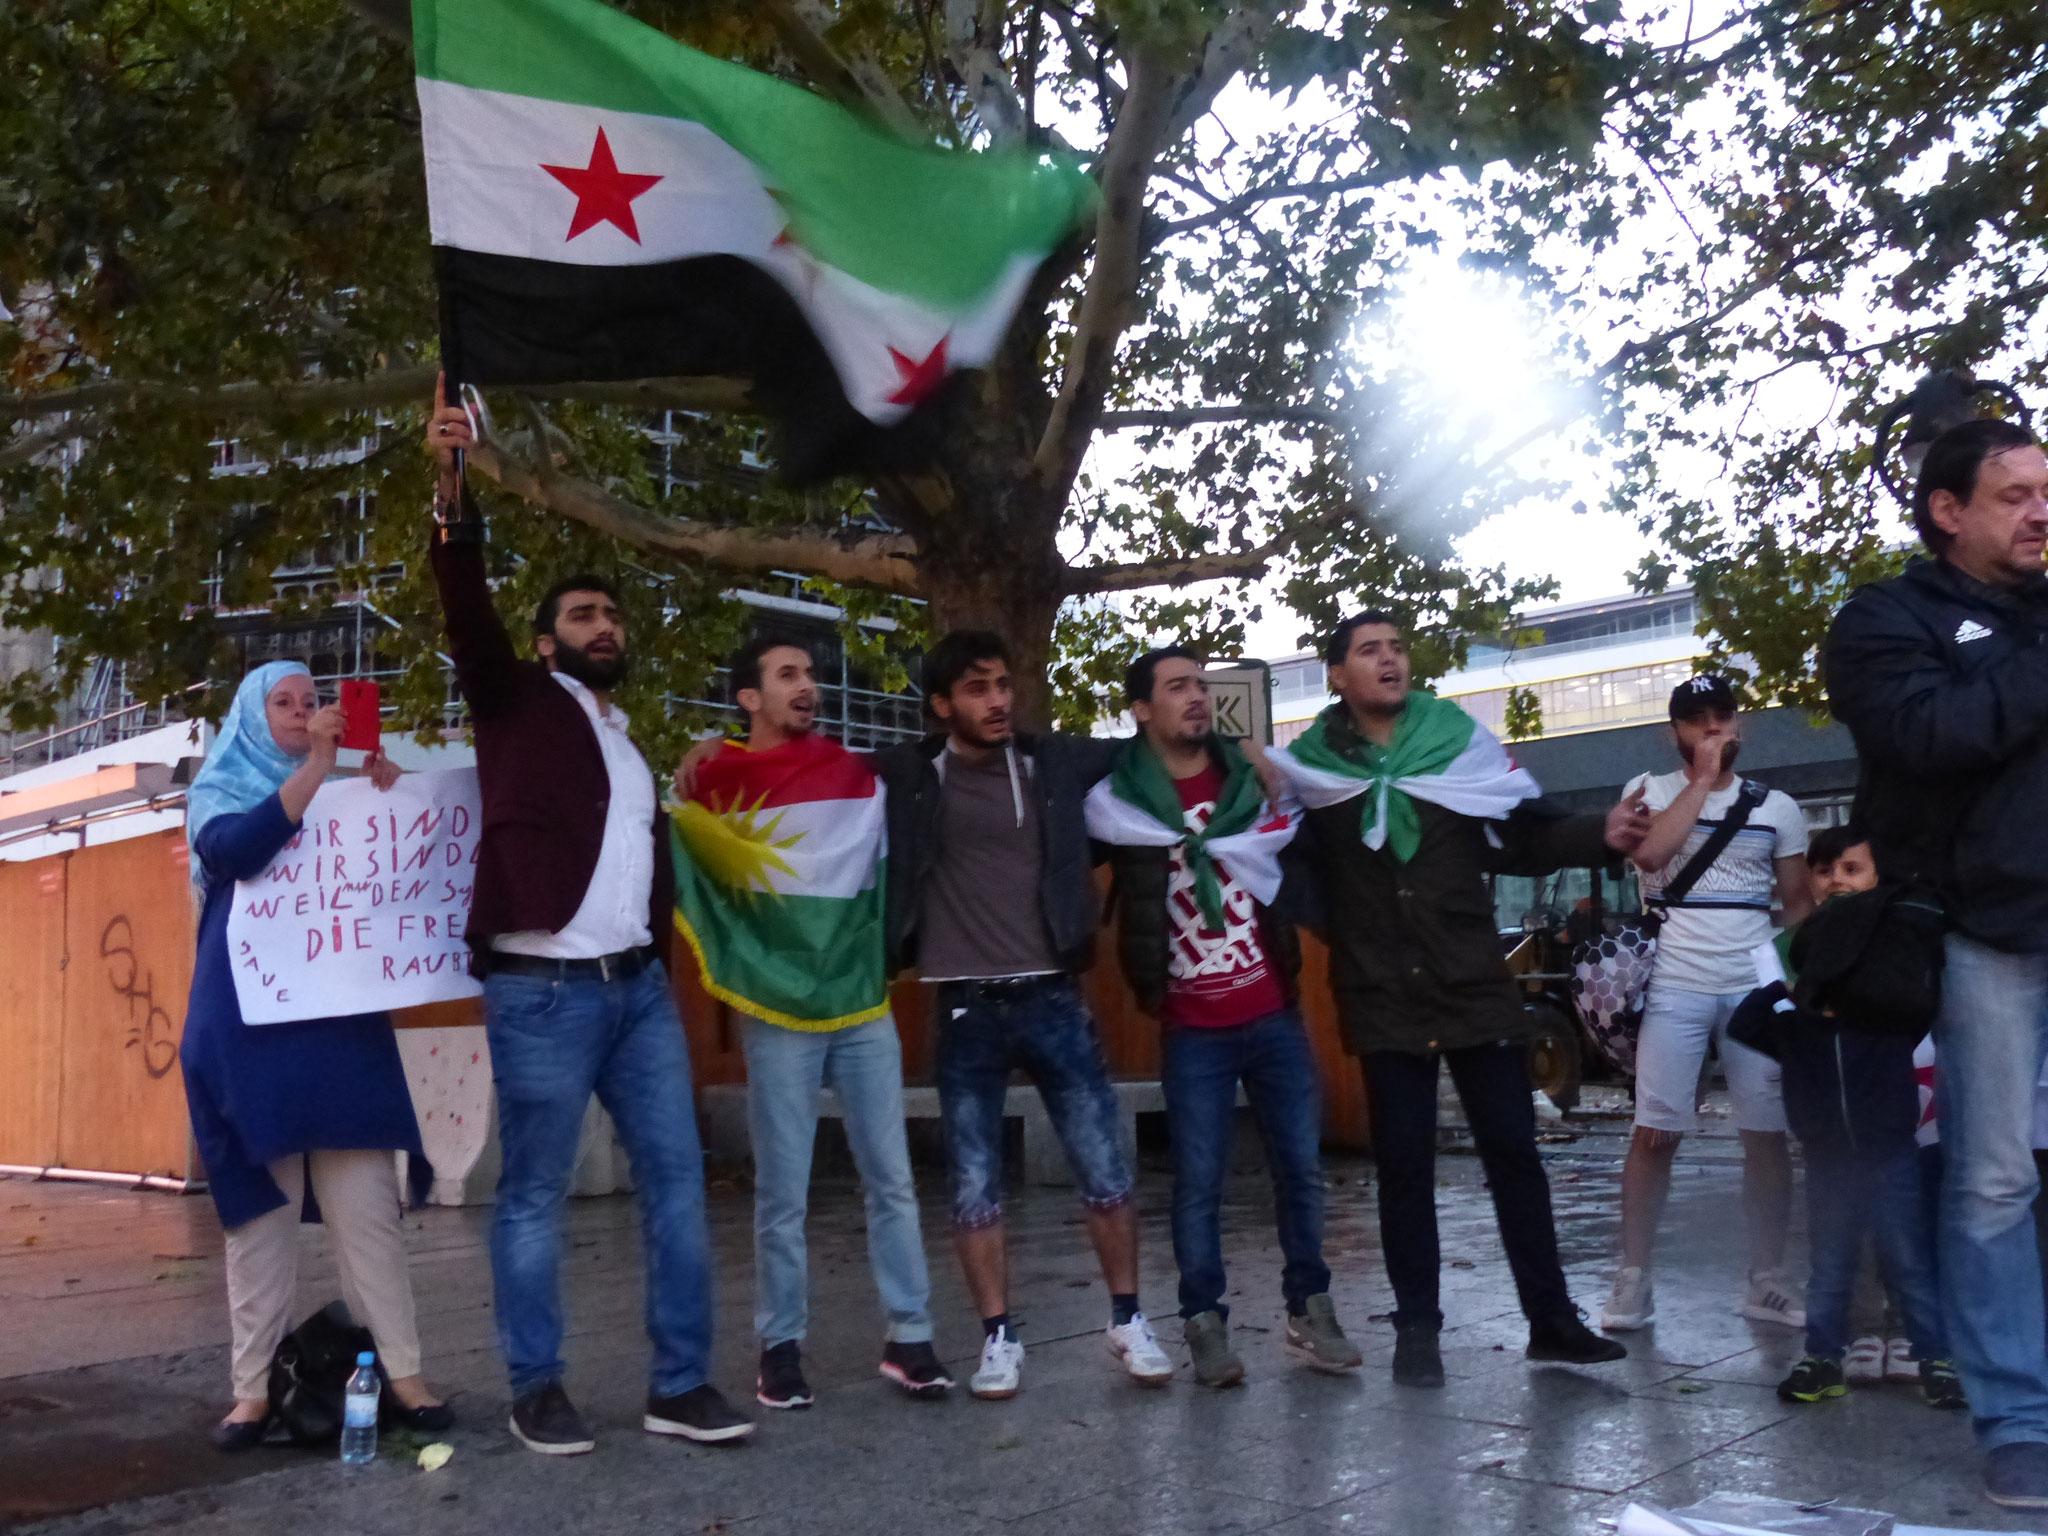 Freiheit für Syrien! - Photo: Jens-Martin Rode